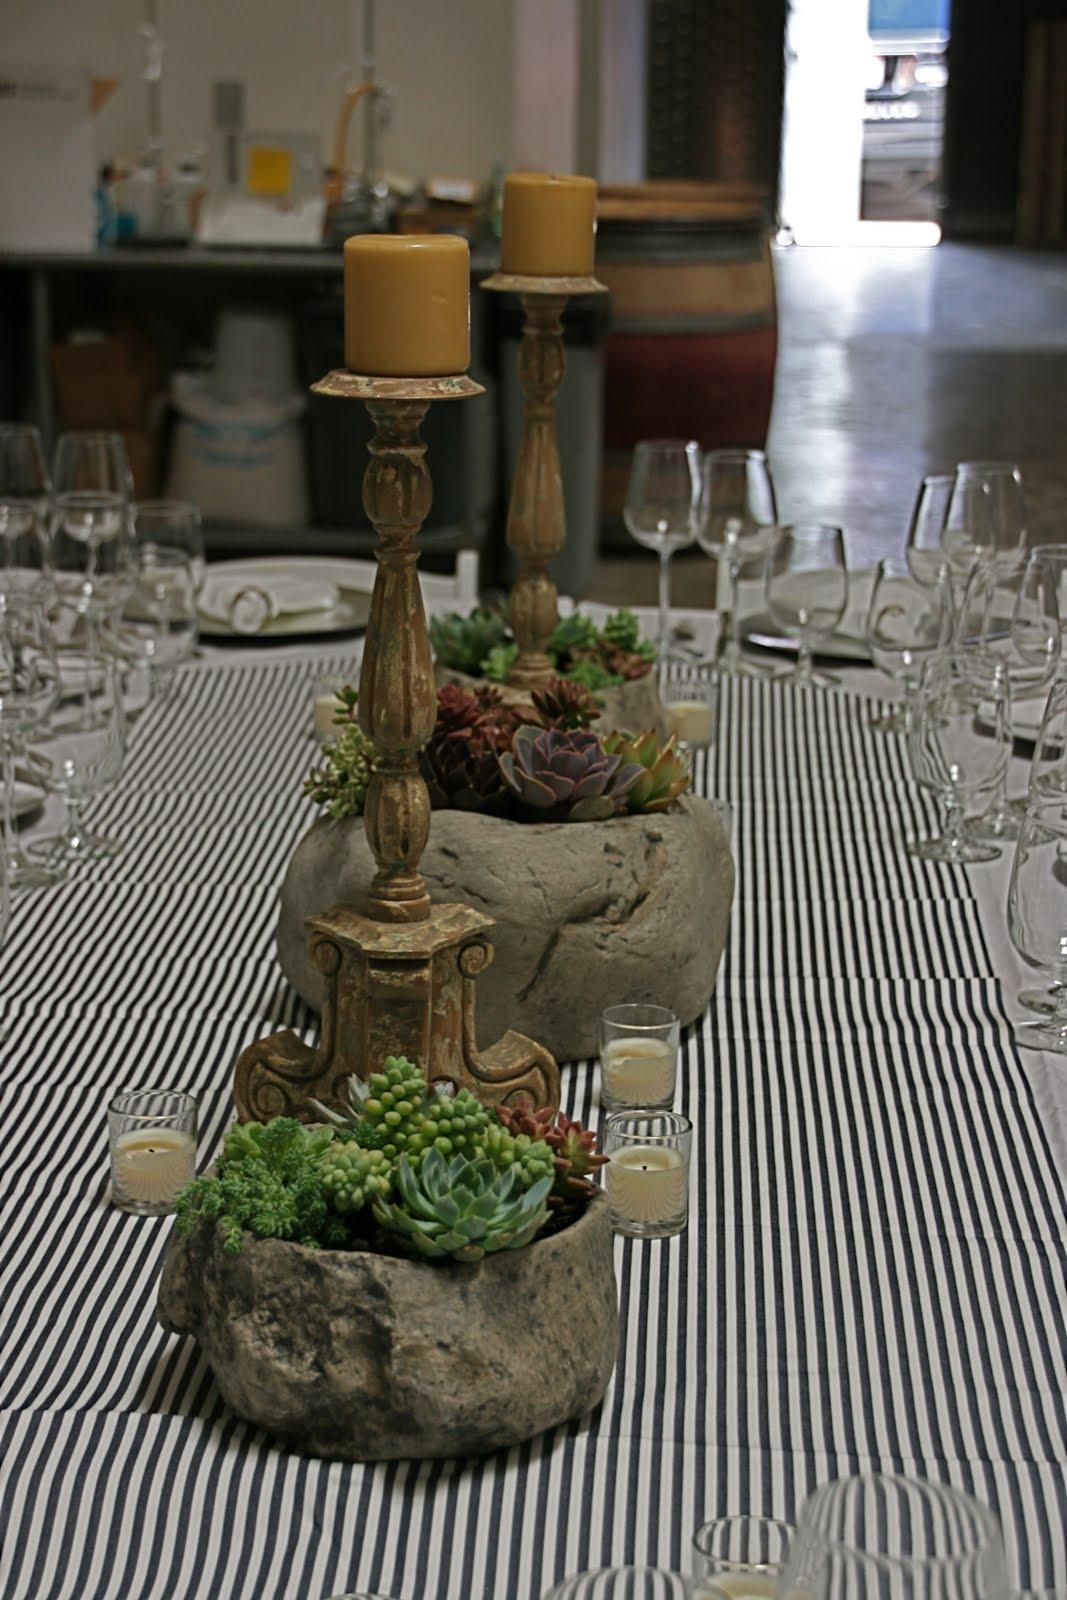 Vignette Design A Succulent Tablescape